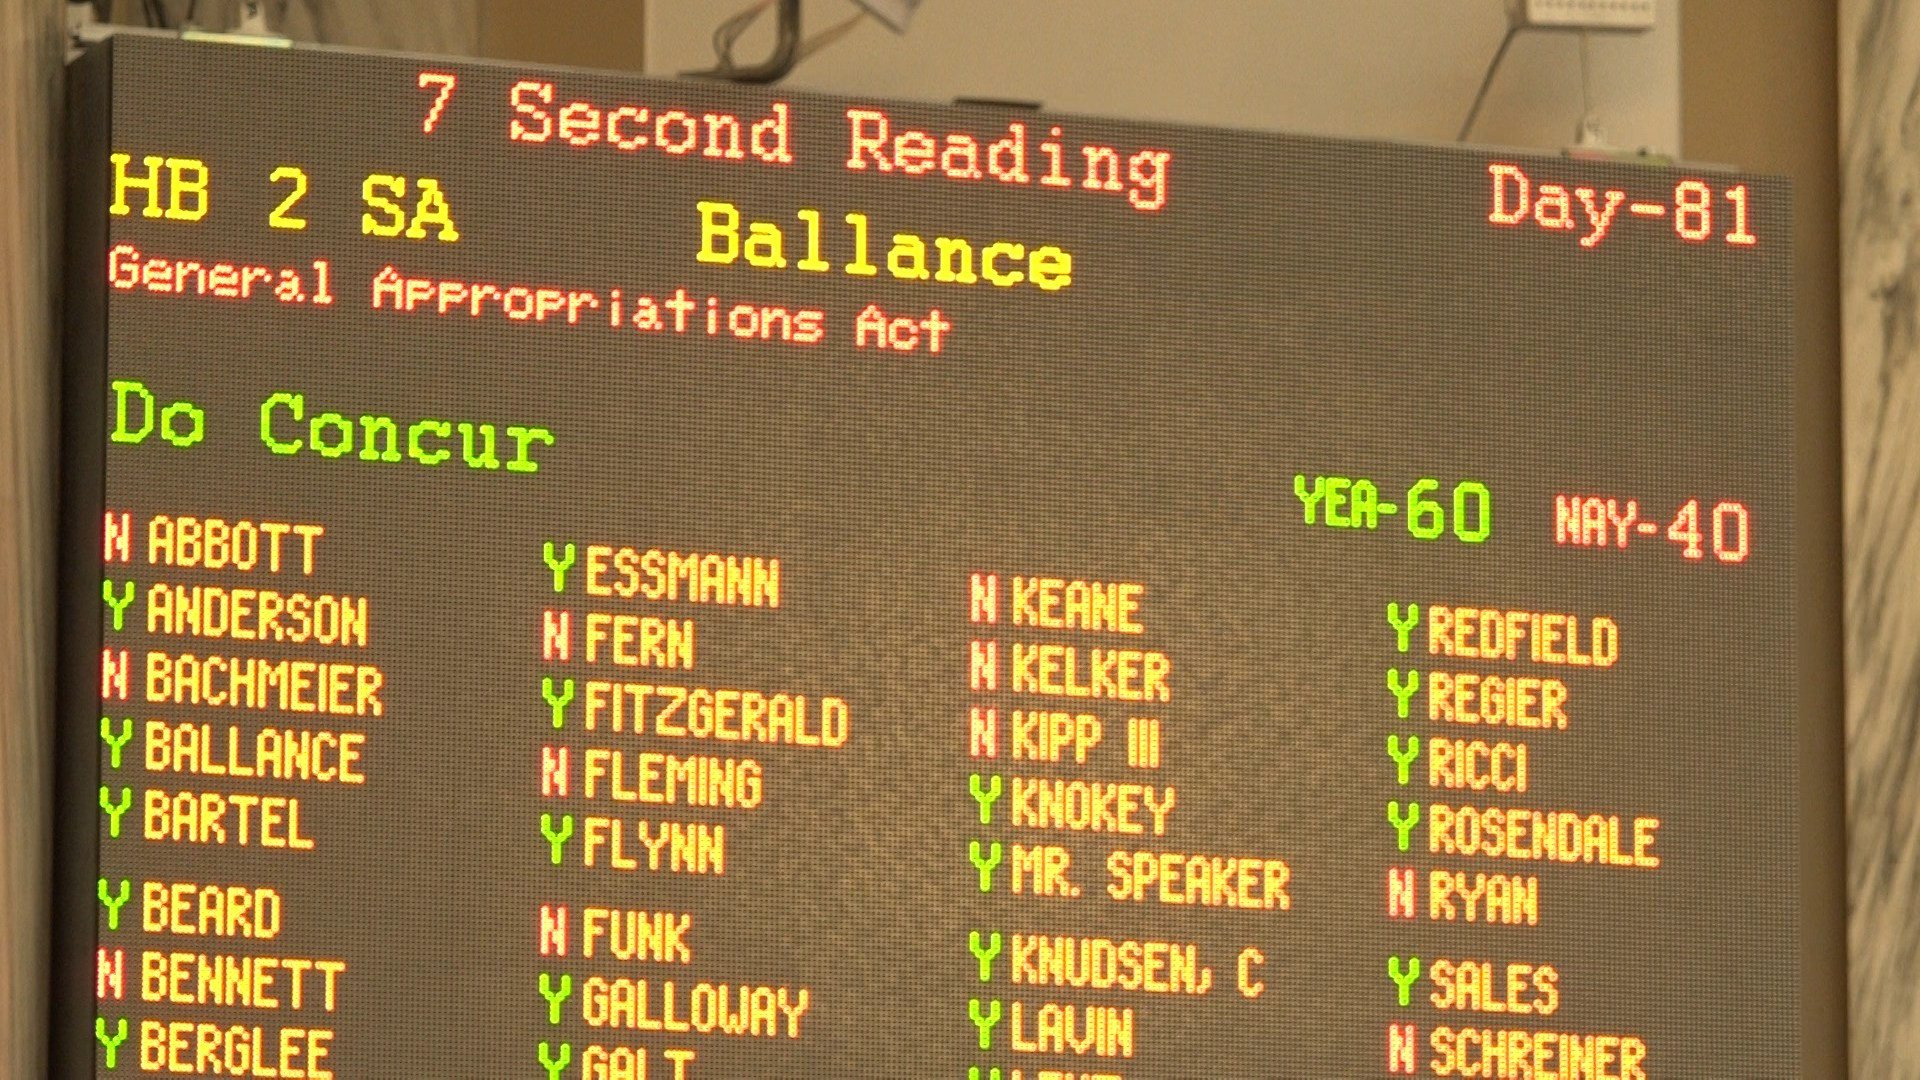 MT House endorses key budget bill